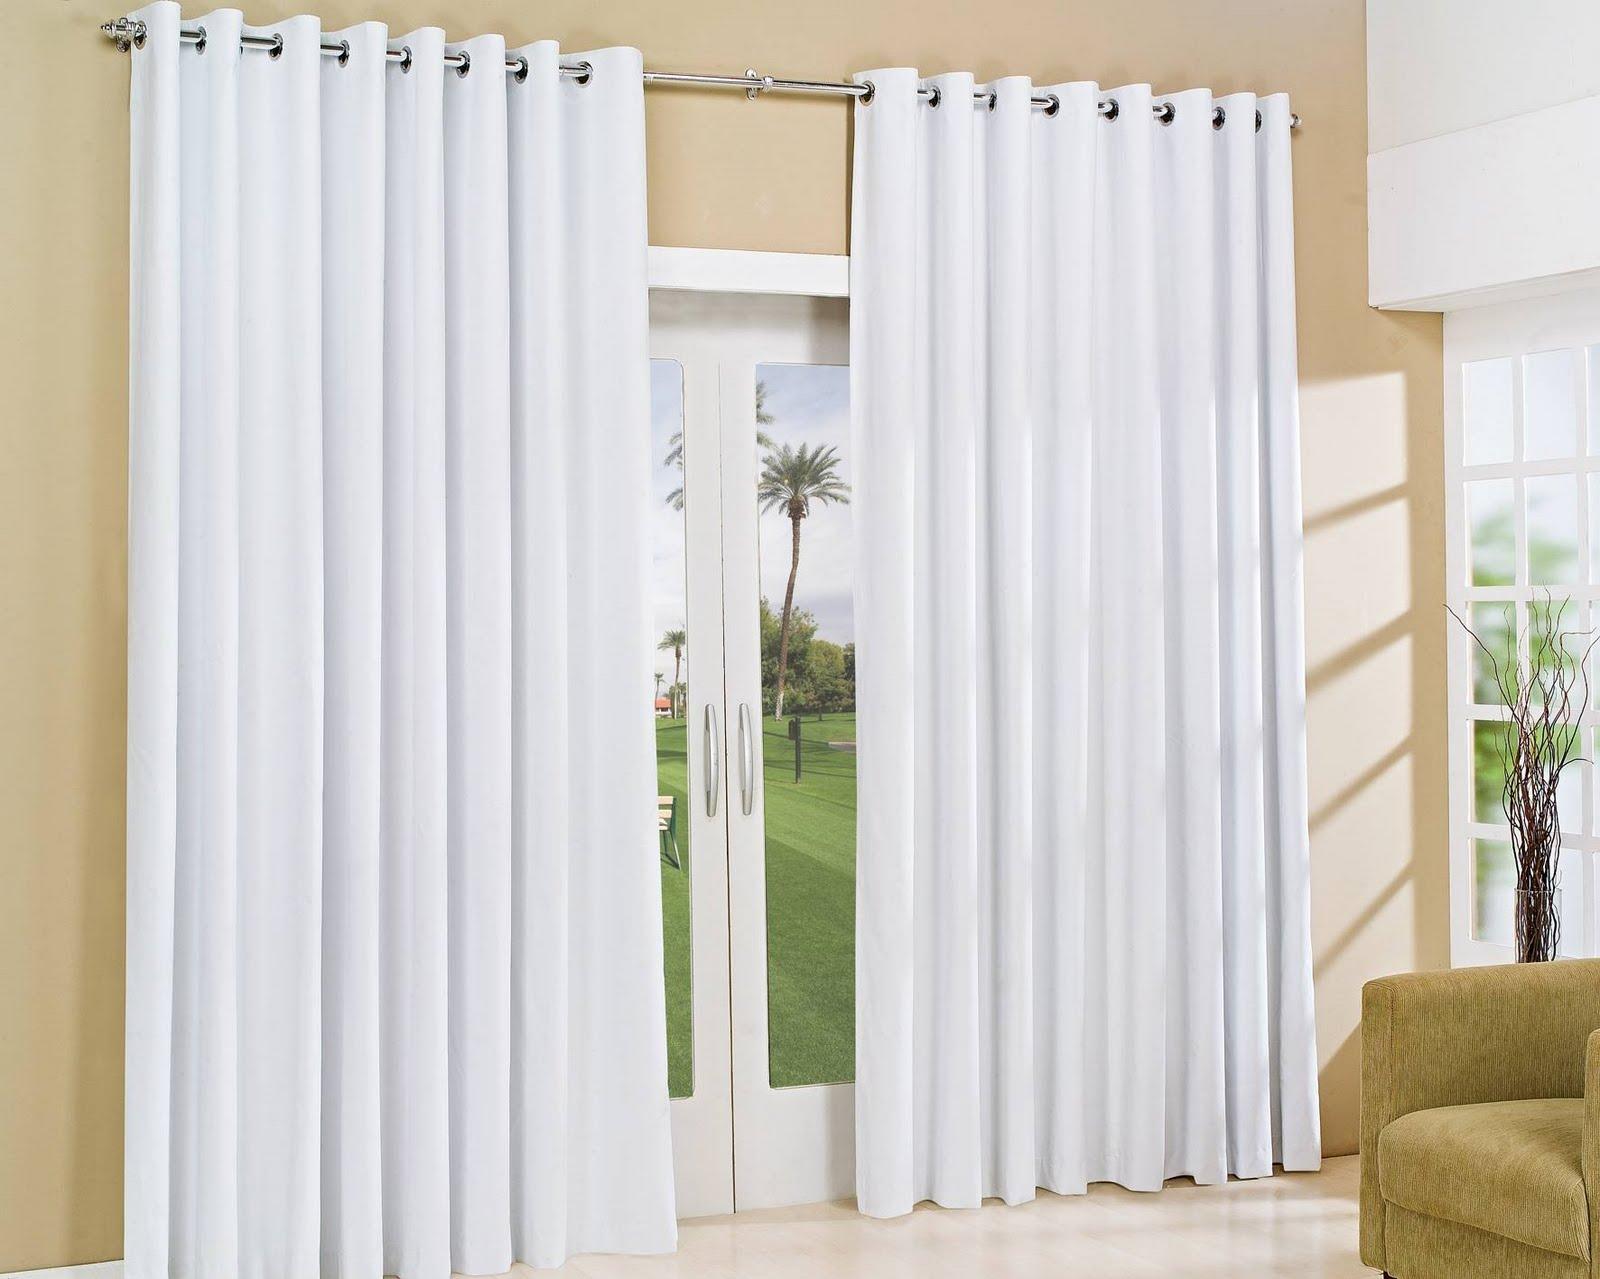 Lavar cortina em casa na maquina de lavar dicas da lucy - Cortinas para puertas leroy merlin ...